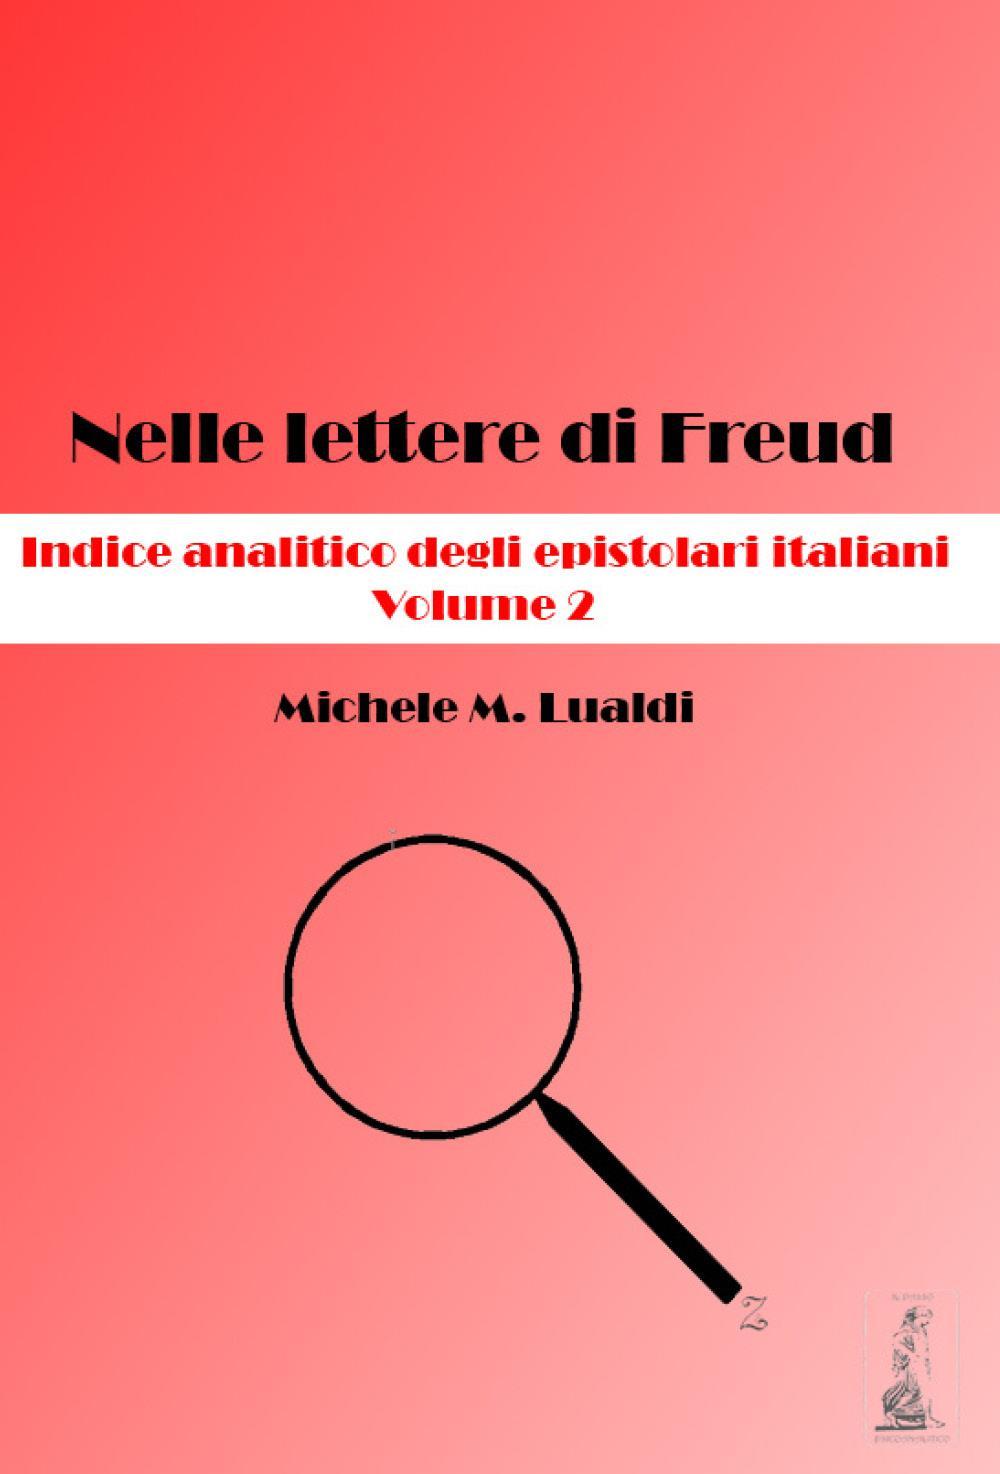 Nelle lettere di Freud. Indice analitico degli epistolari italiani. Volume 2